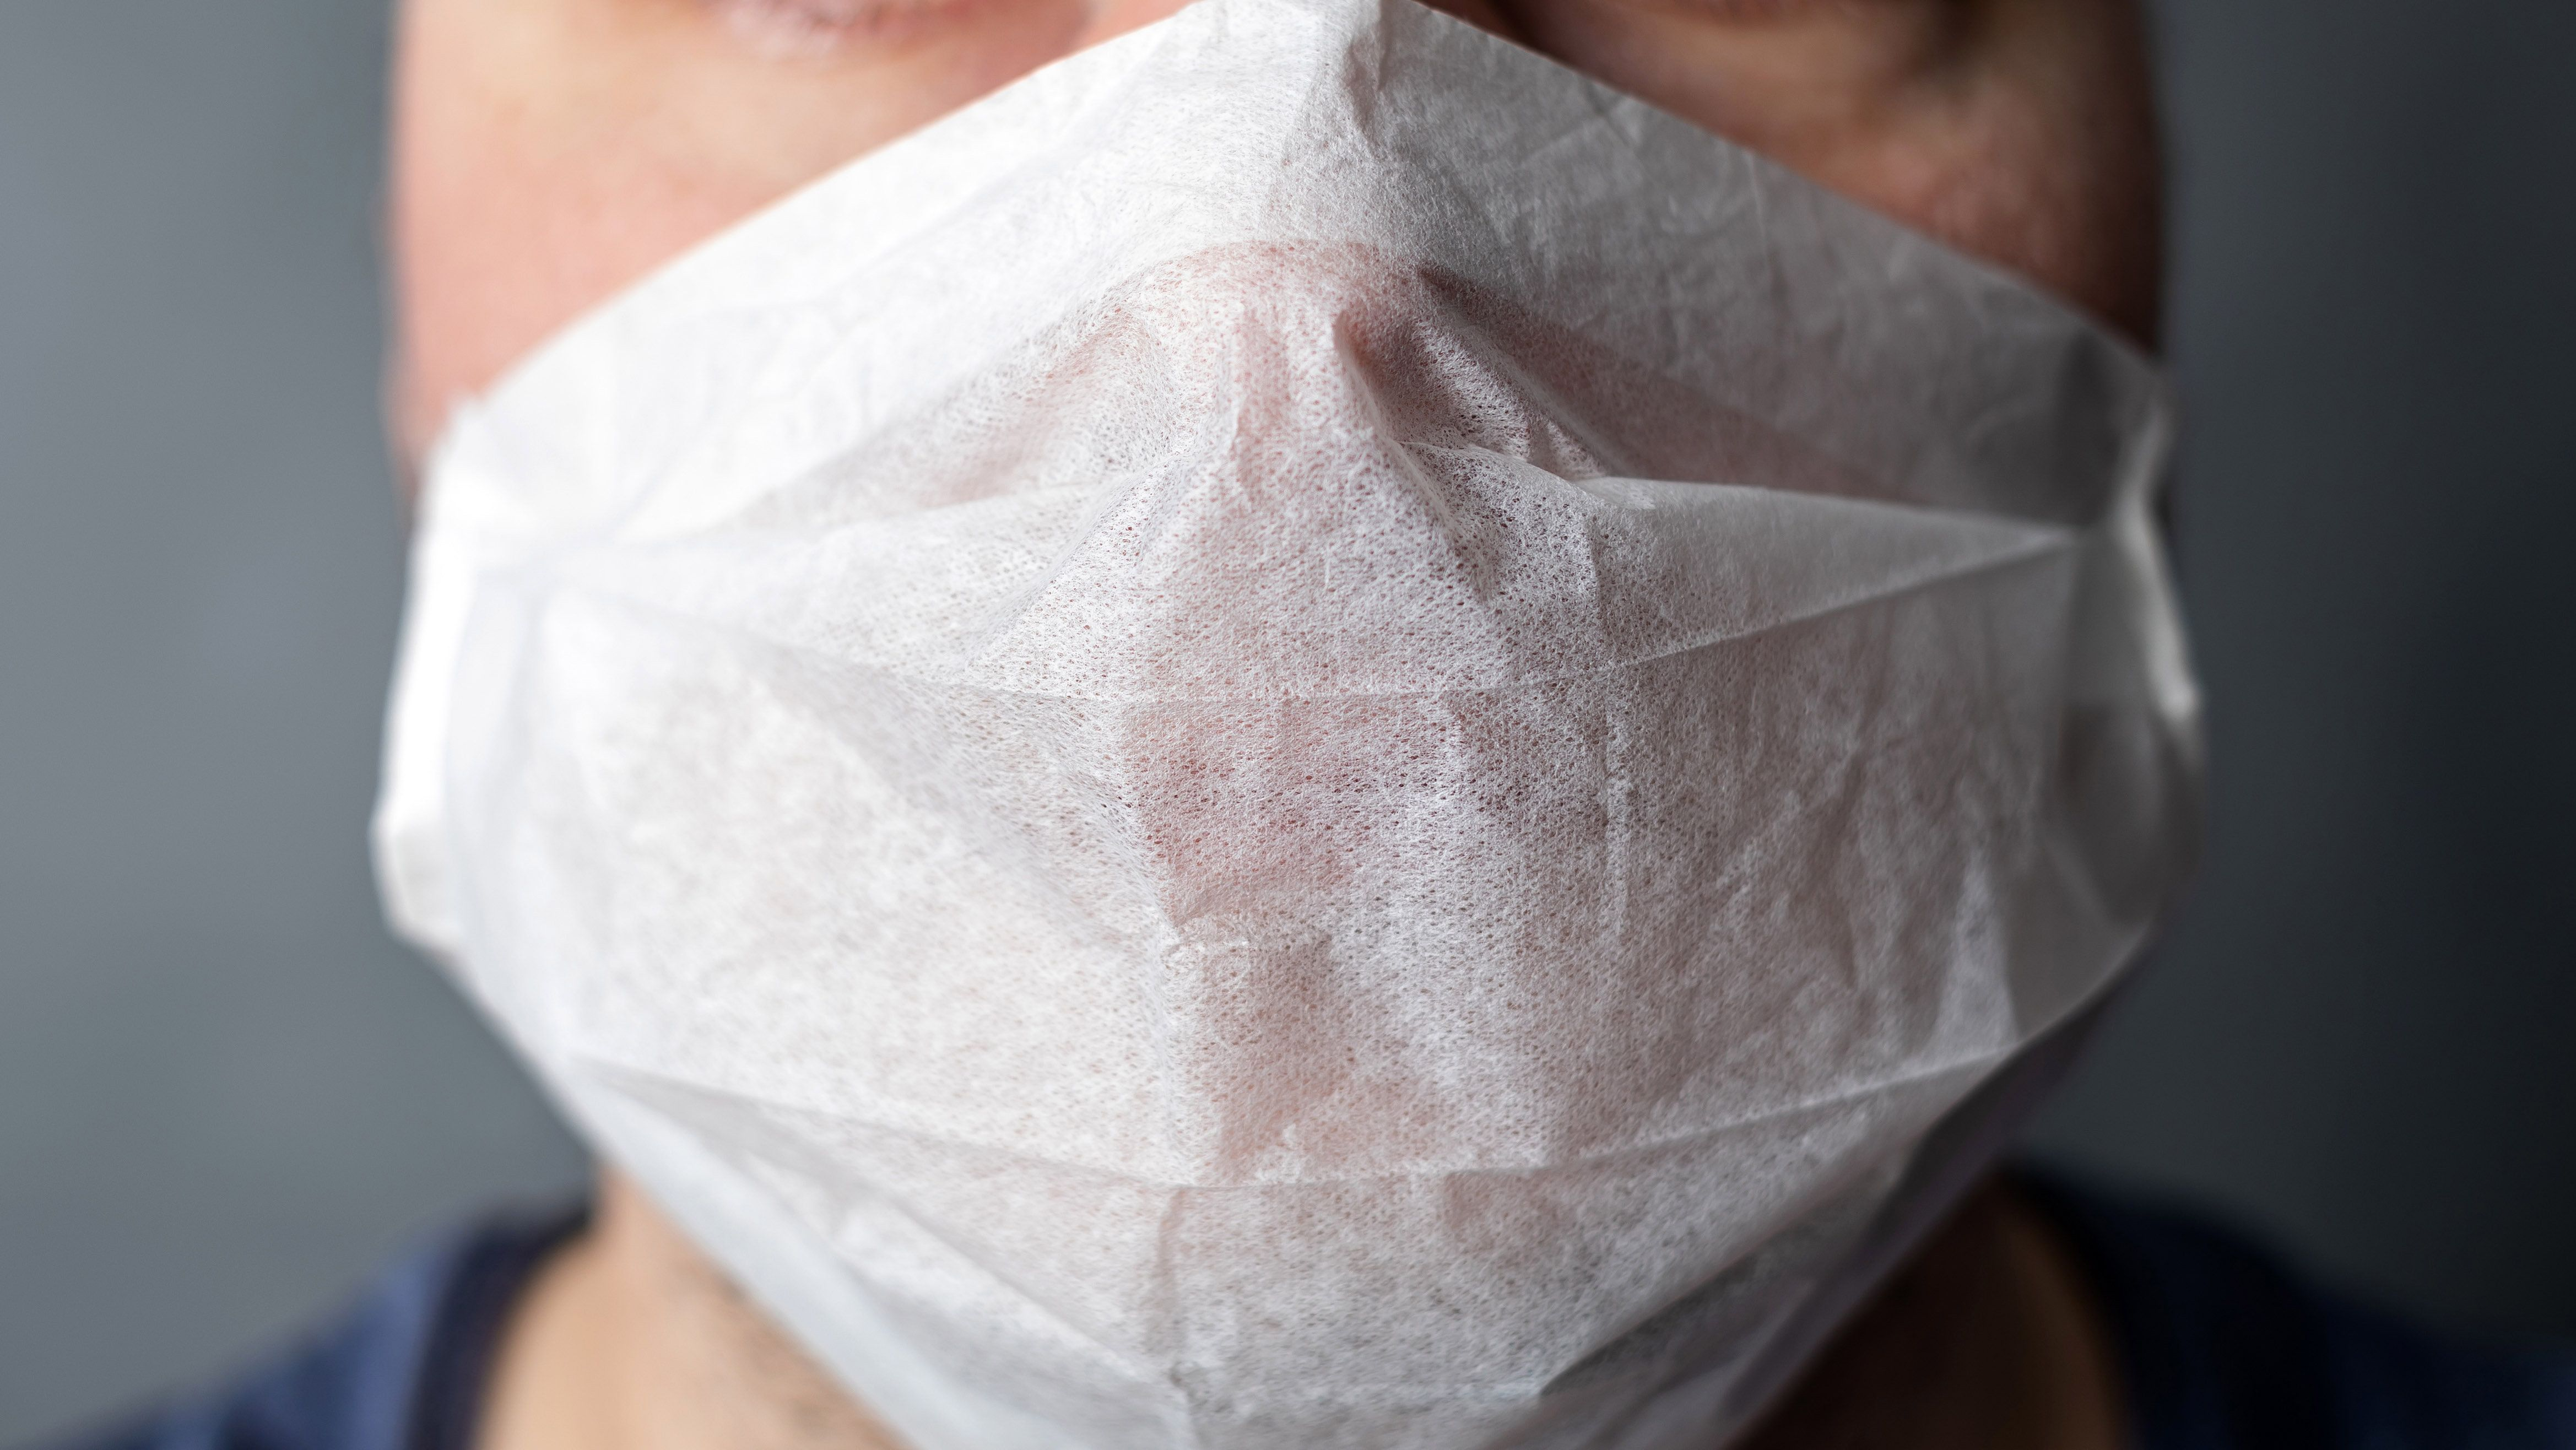 Mensch mit Atemschutzmaske in einer Deatilaufnahme (Symbolbild).